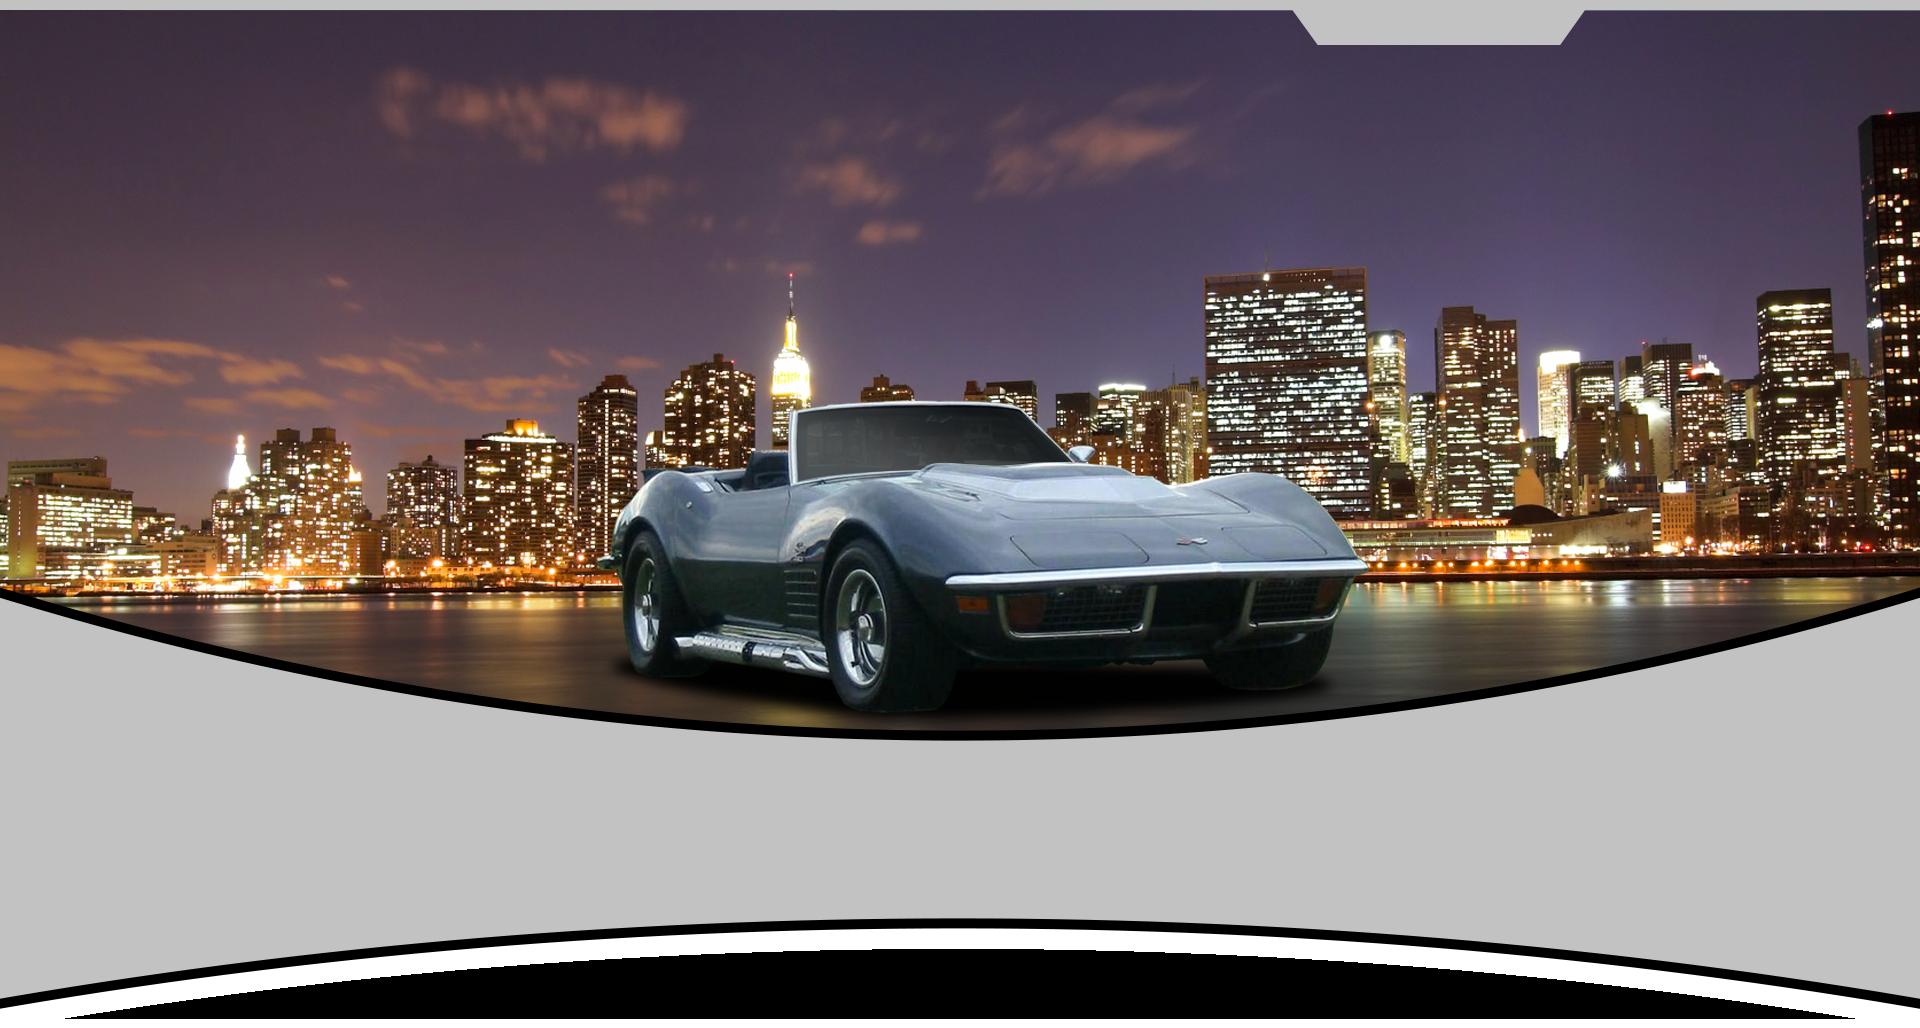 Used Car Sales Rockland County Ny